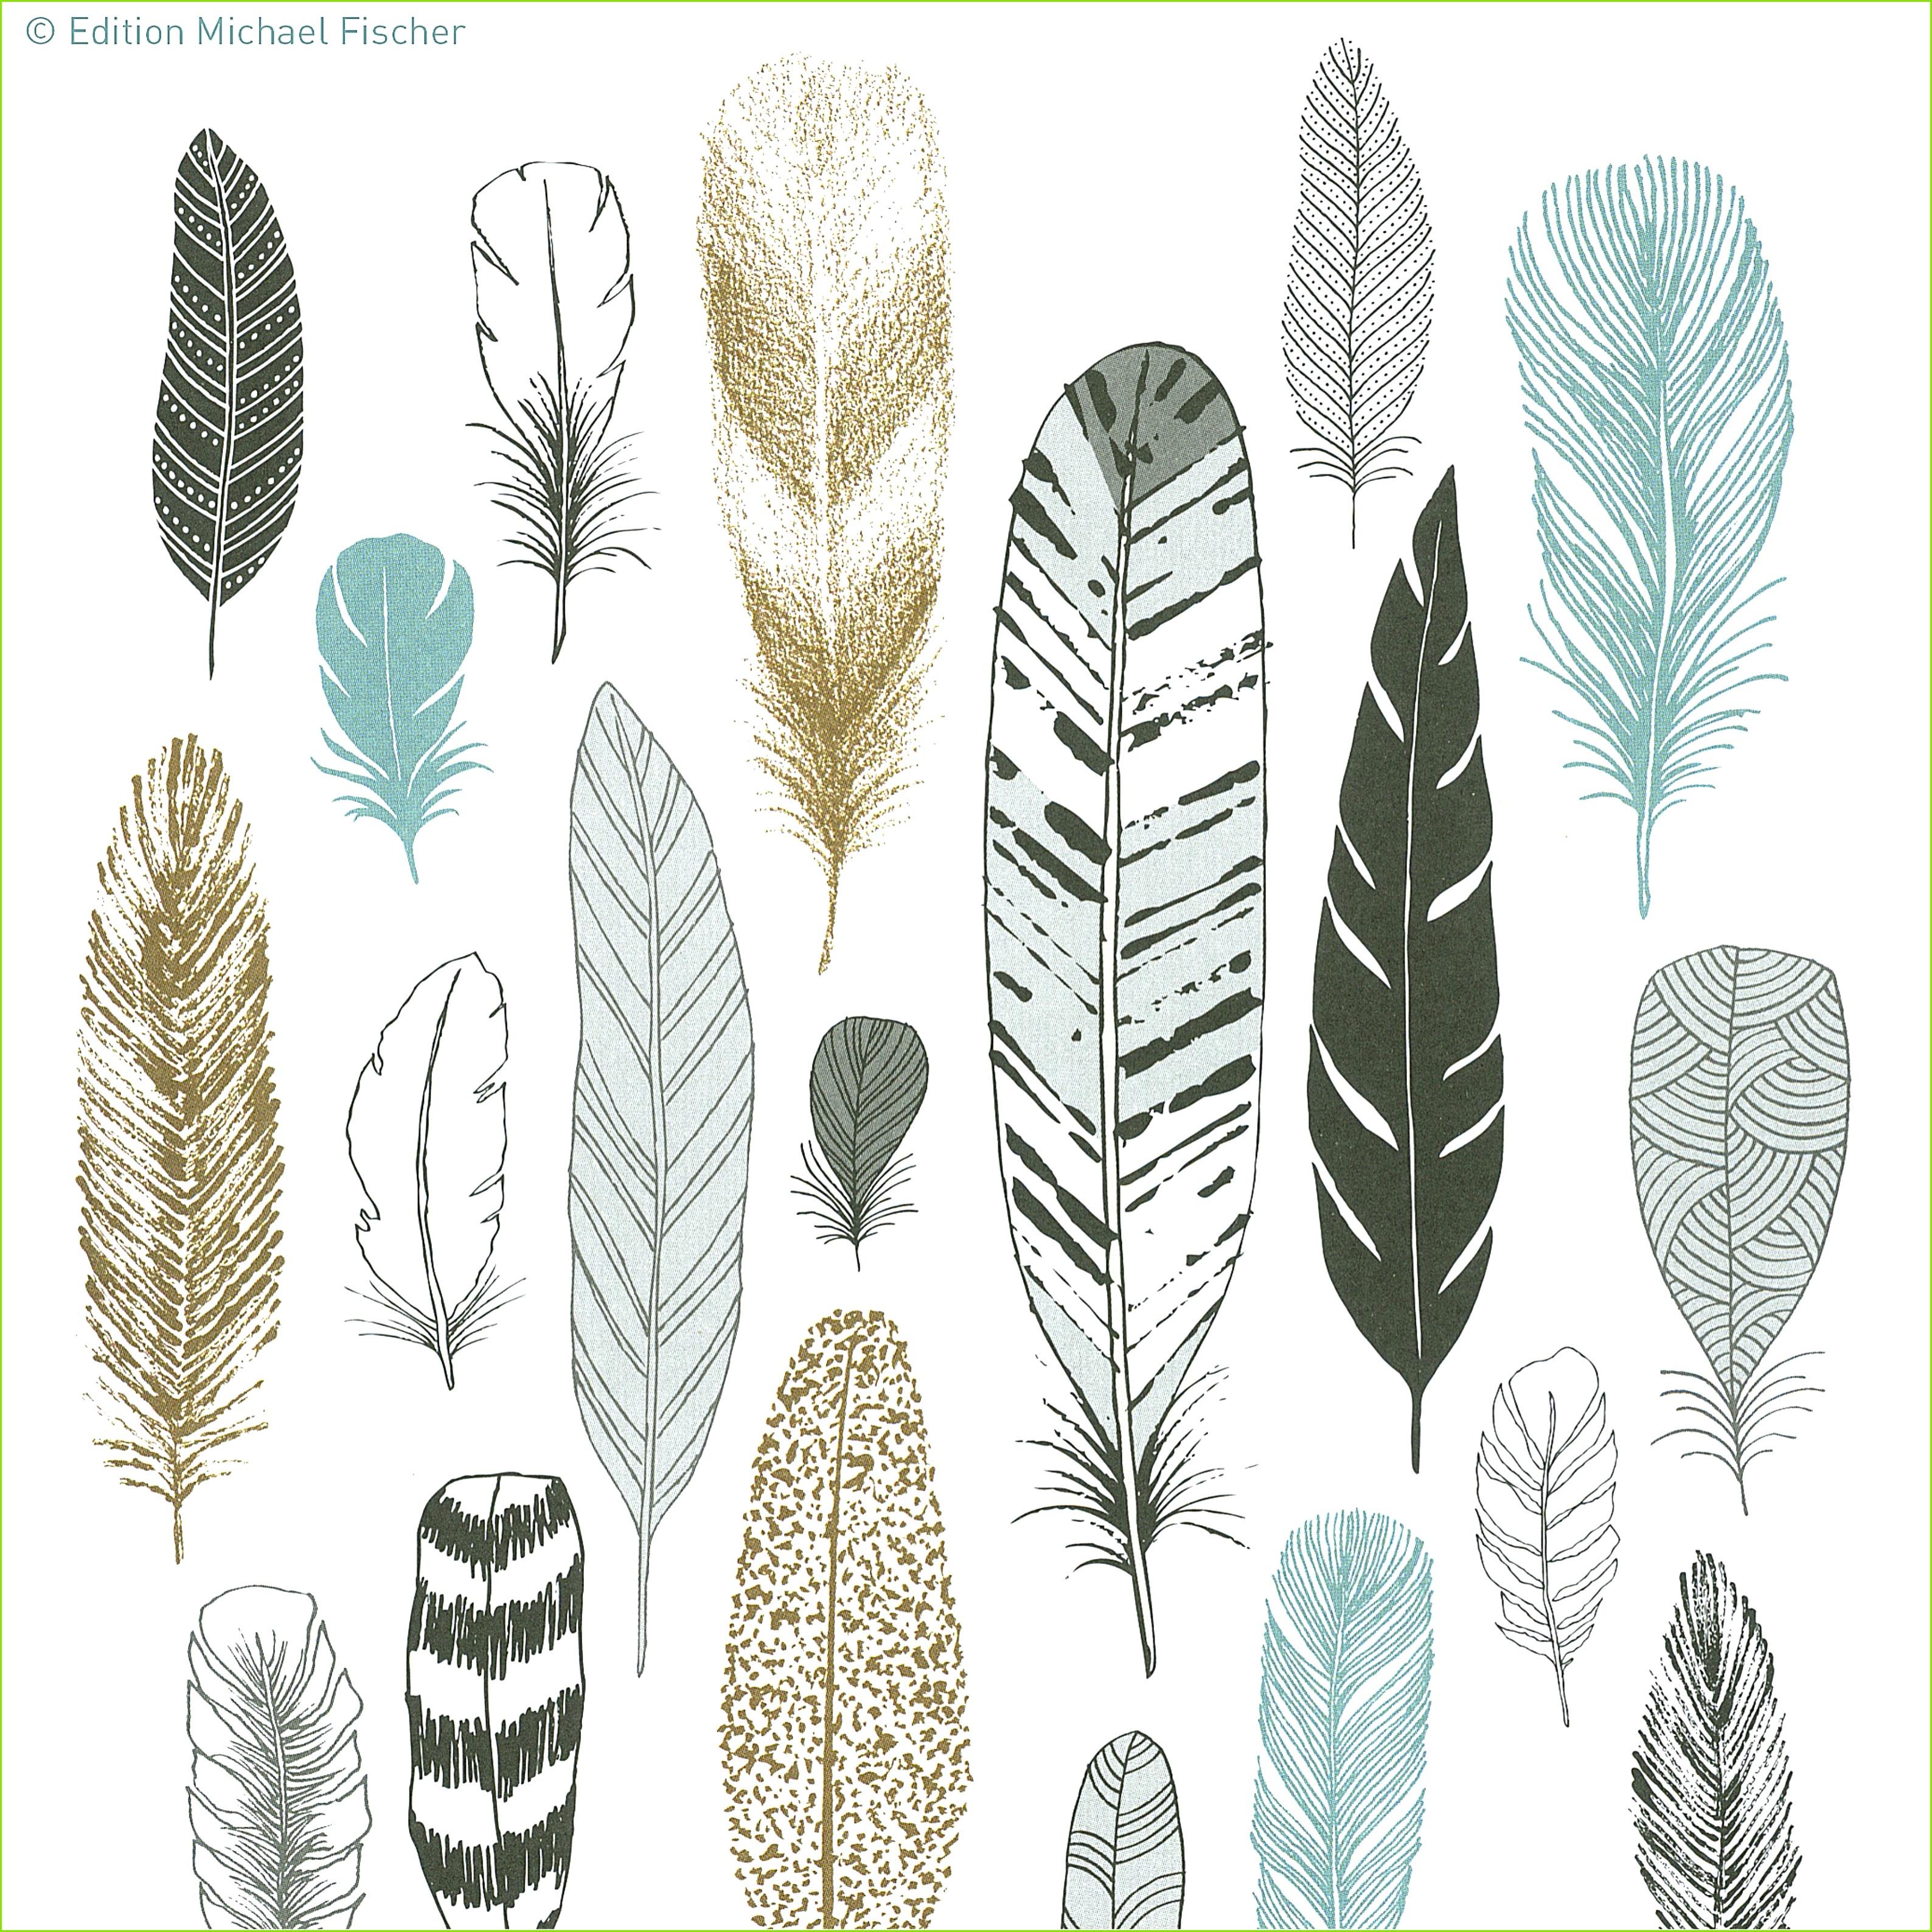 """""""20 stramme Bäume"""" von Edition Michael Fischer auf Pinterest unter s"""